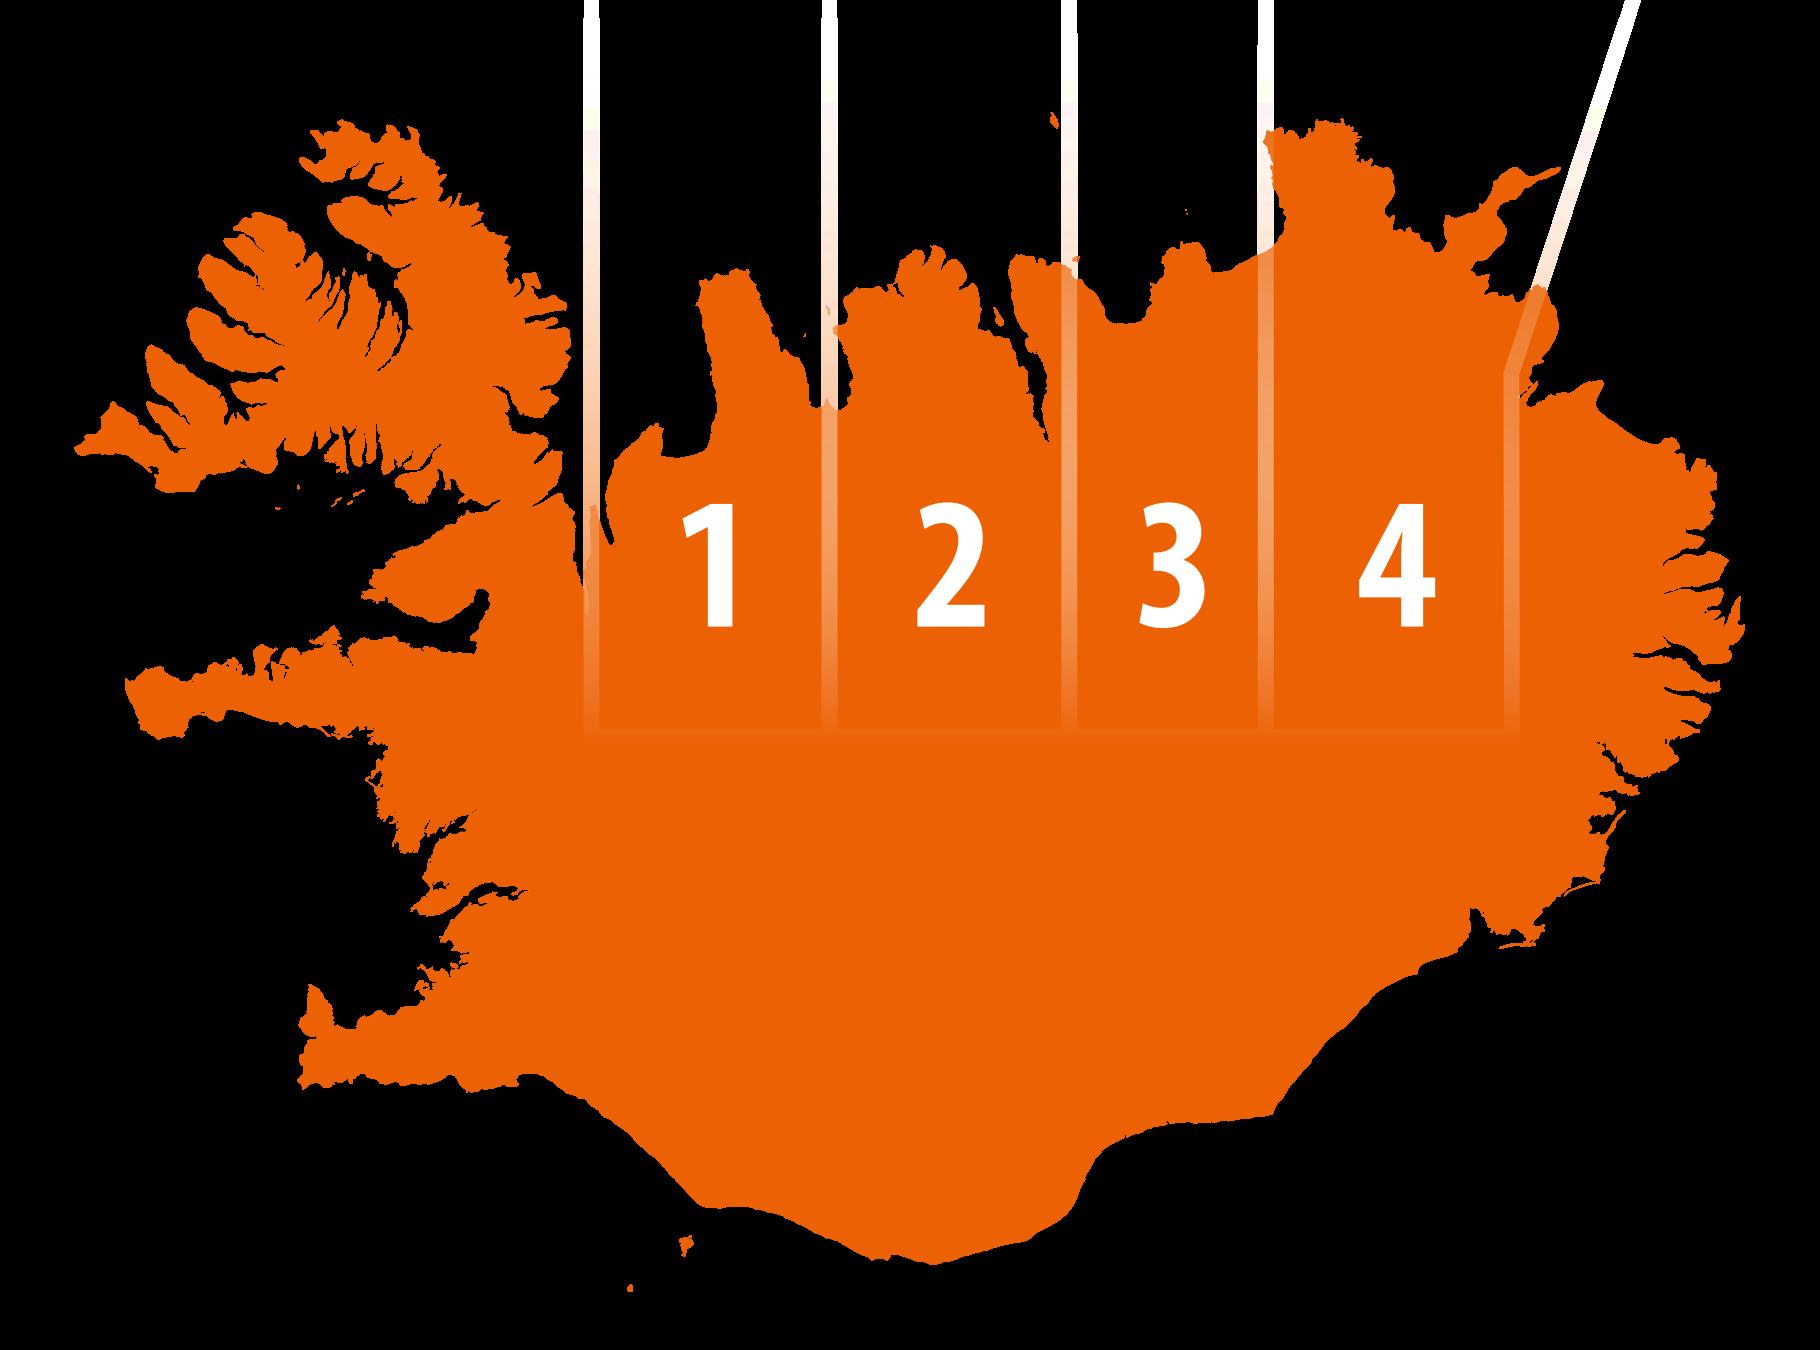 Kort sem sýnir skiptingu Norðurlands í fjögur svæði vegna DMP